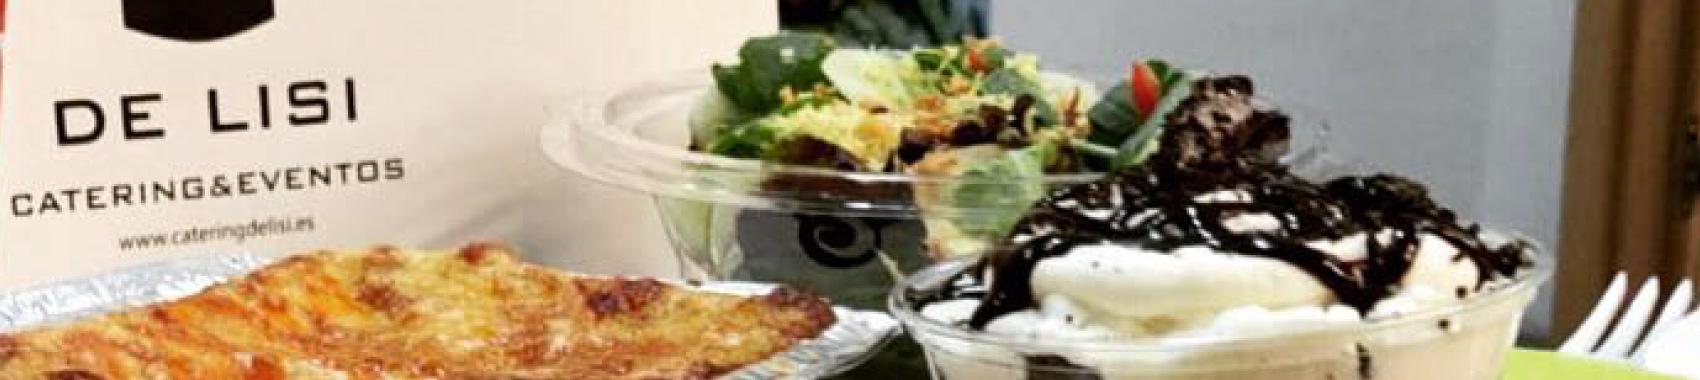 lunch box madrid para comer en la empresa